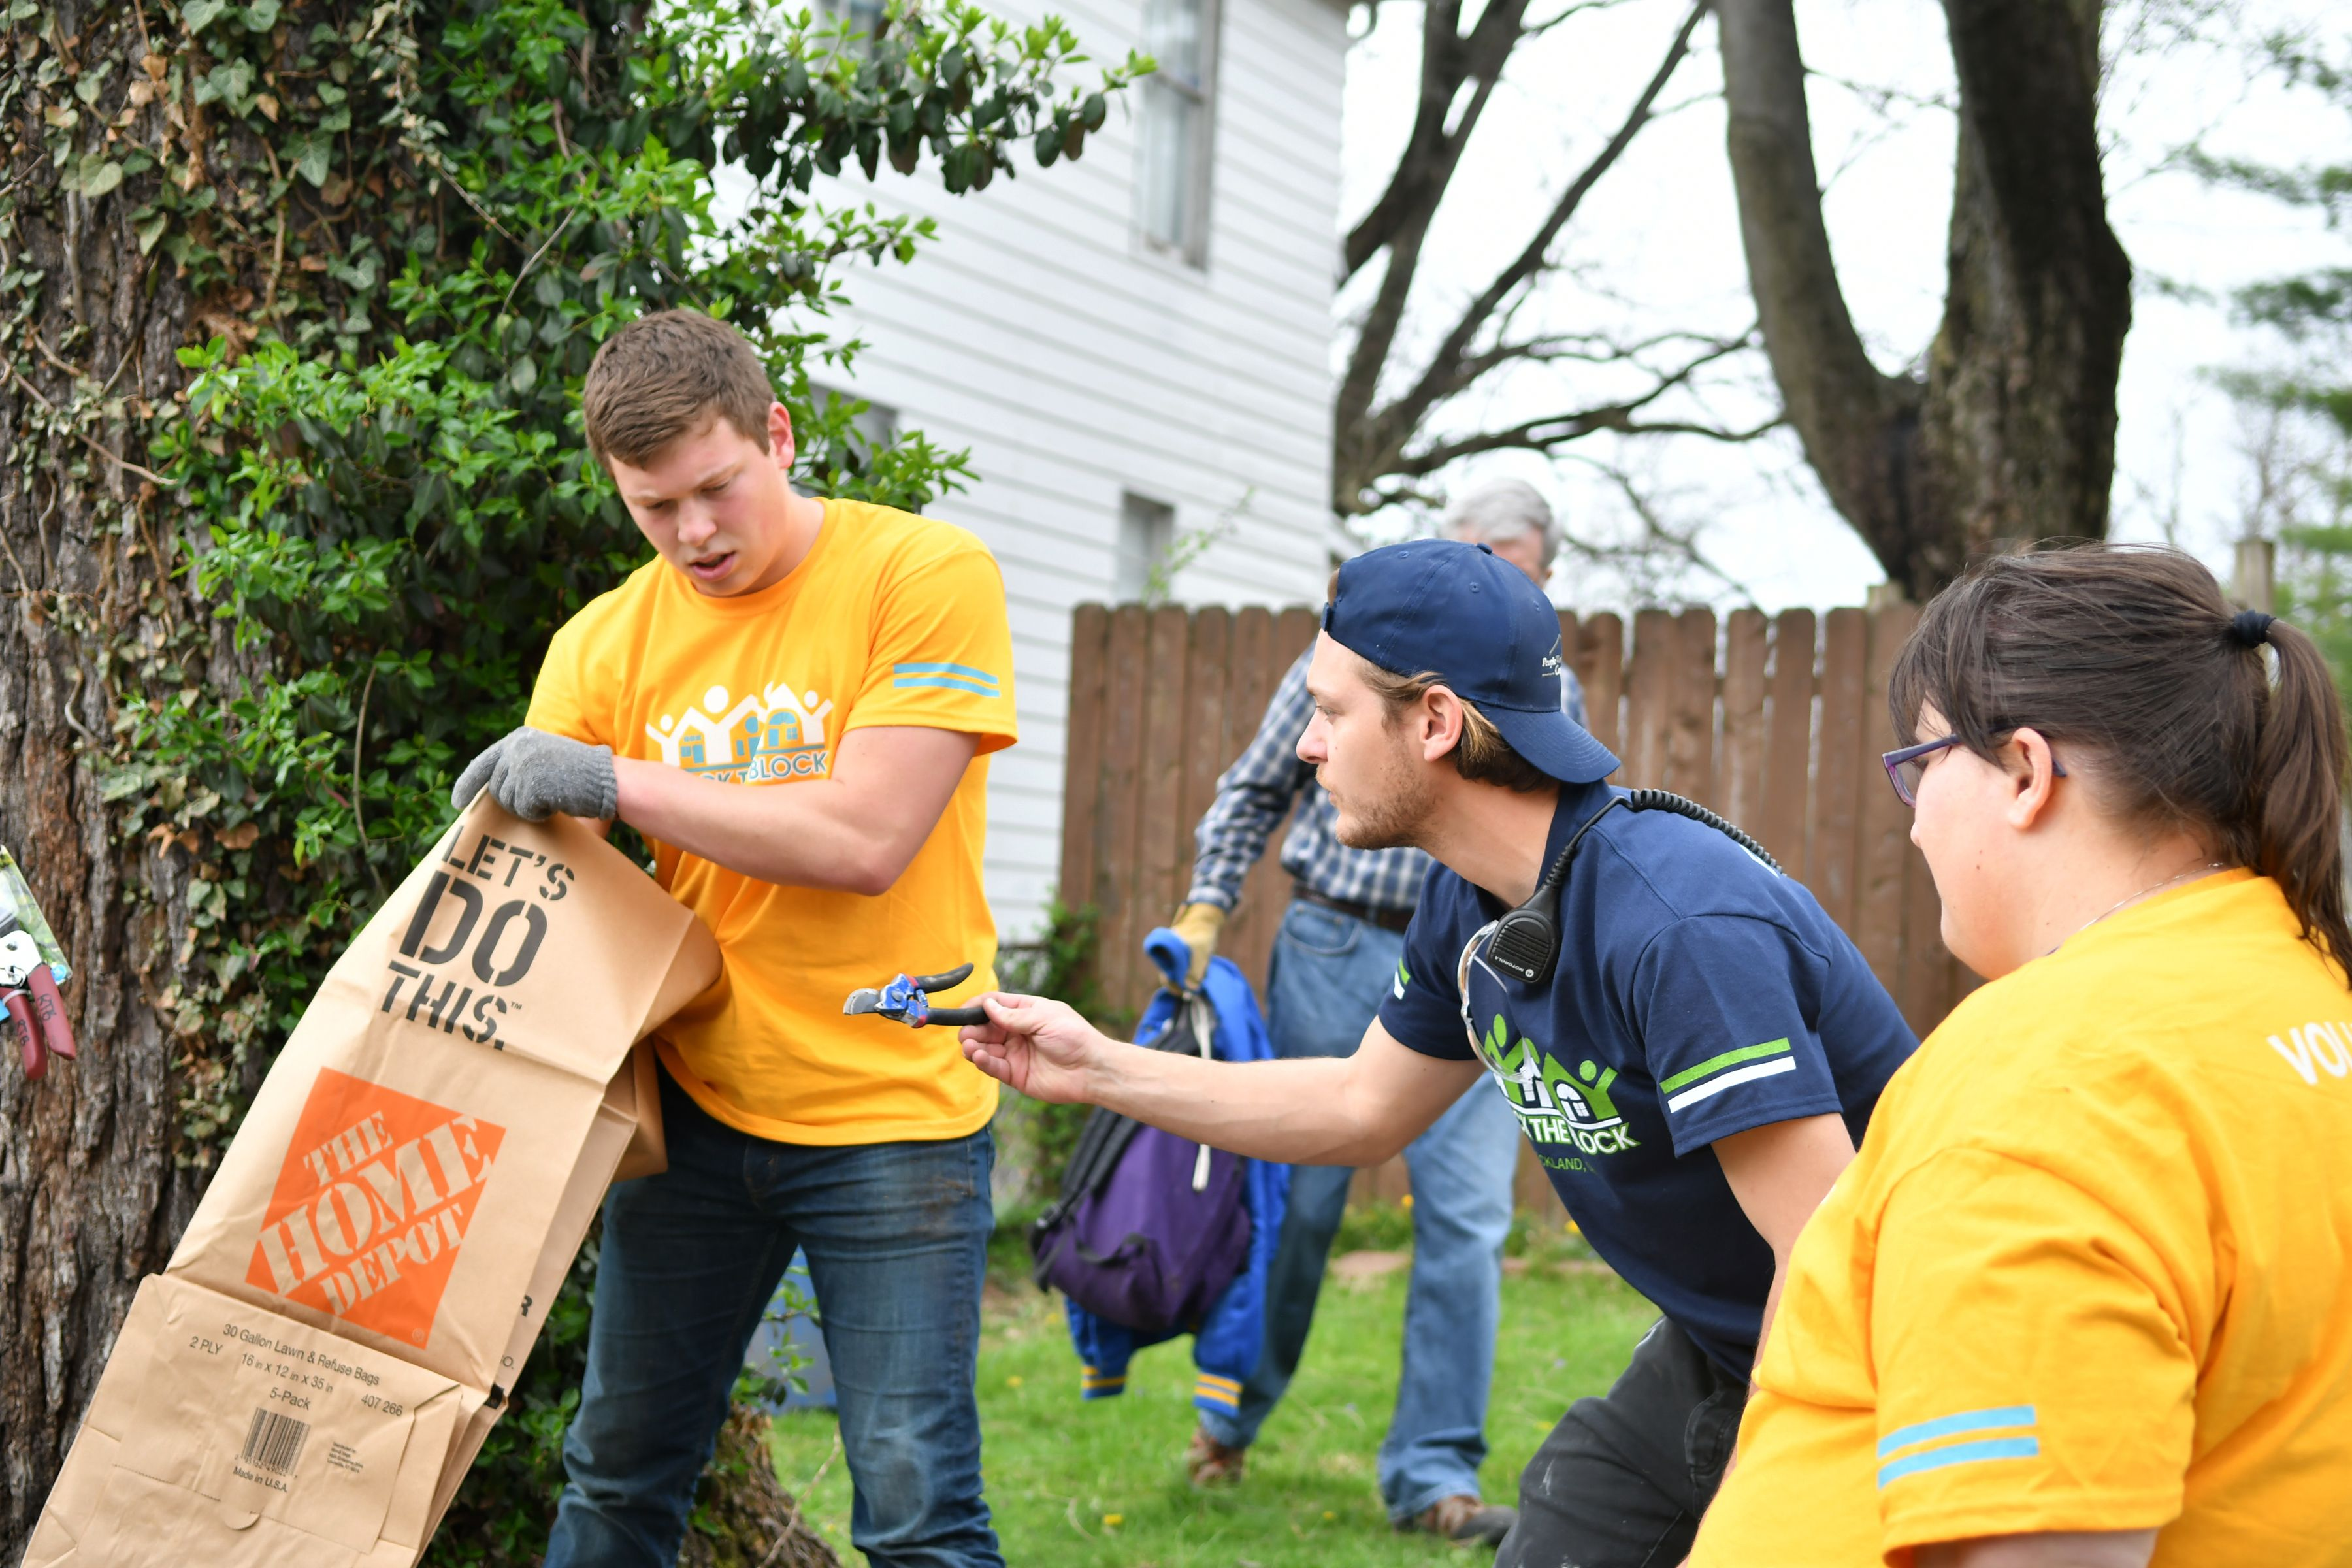 Volunteer crew at Rock the Block Lockland April 2018